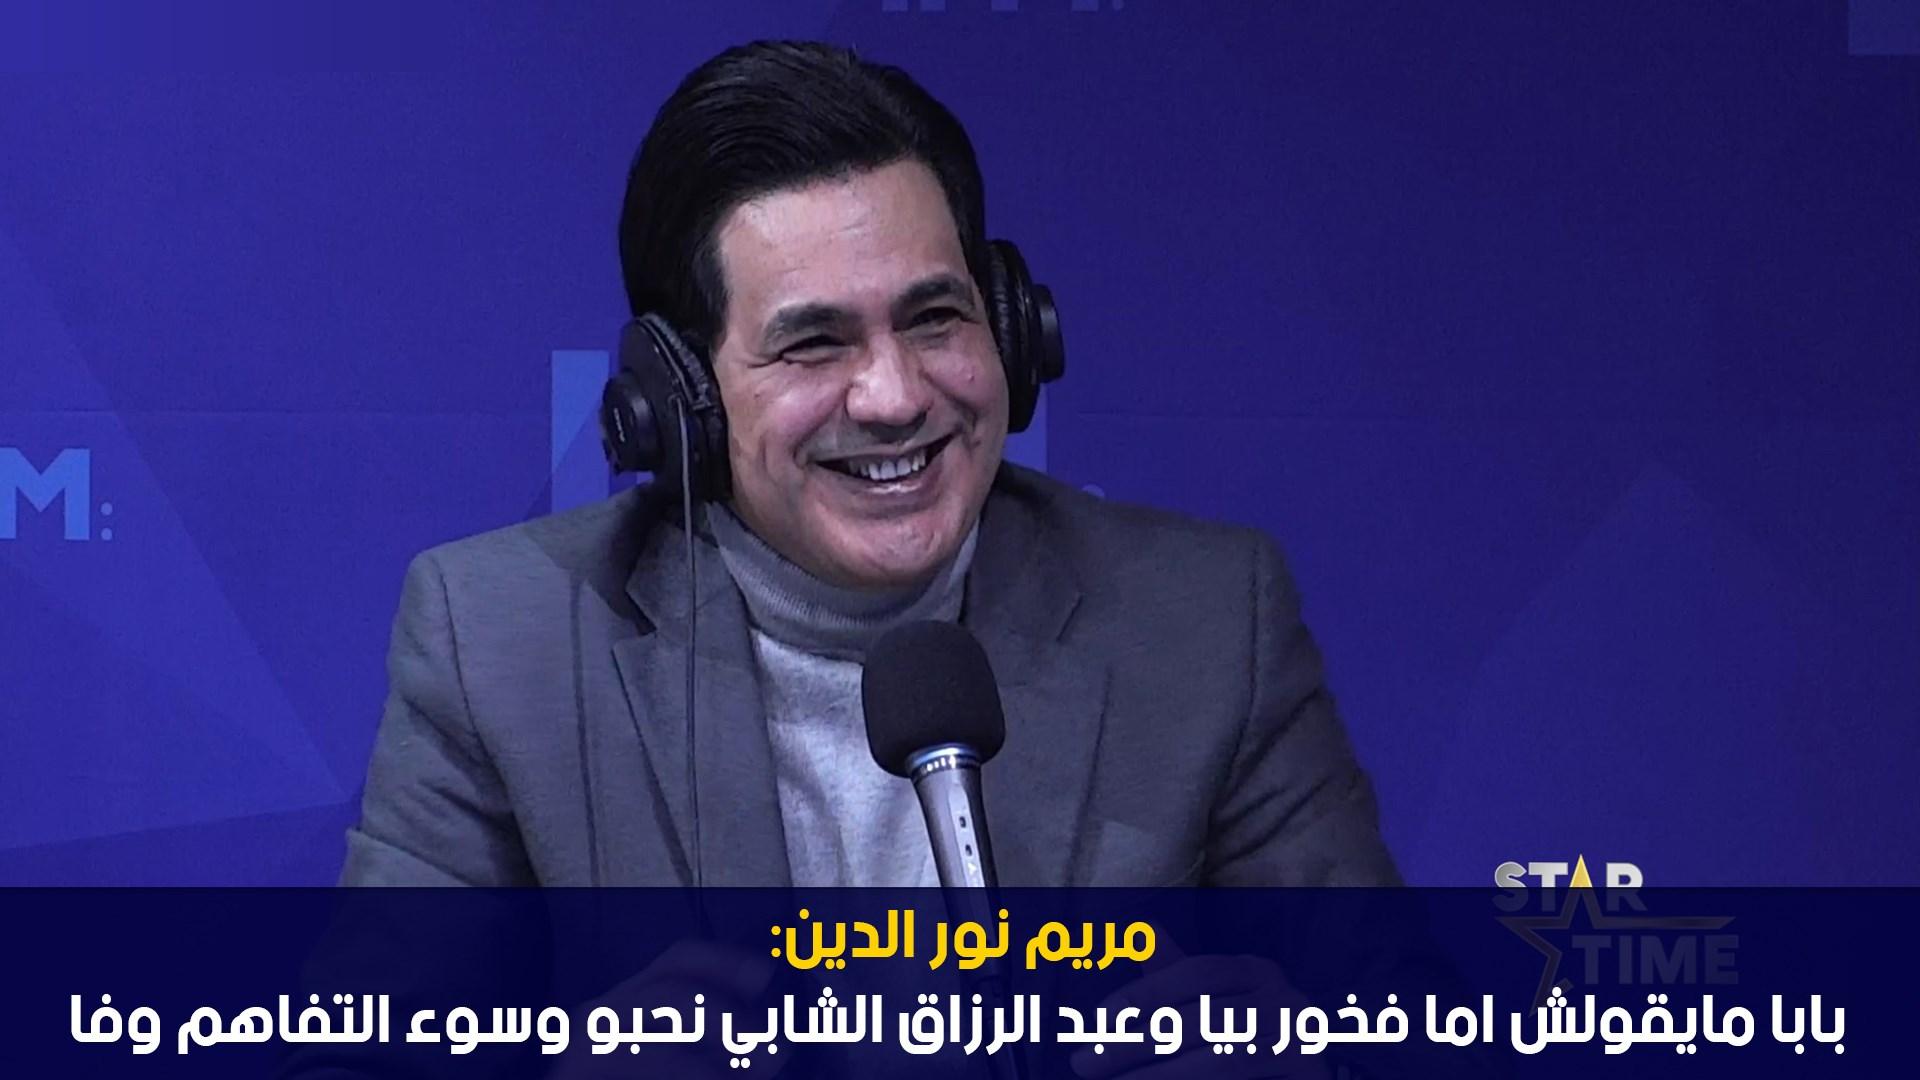 مريم نور الدين: بابا مايقولش اما فخور بيا وعبد الرزاق الشابي نحبو وسوء التفاهم وفا